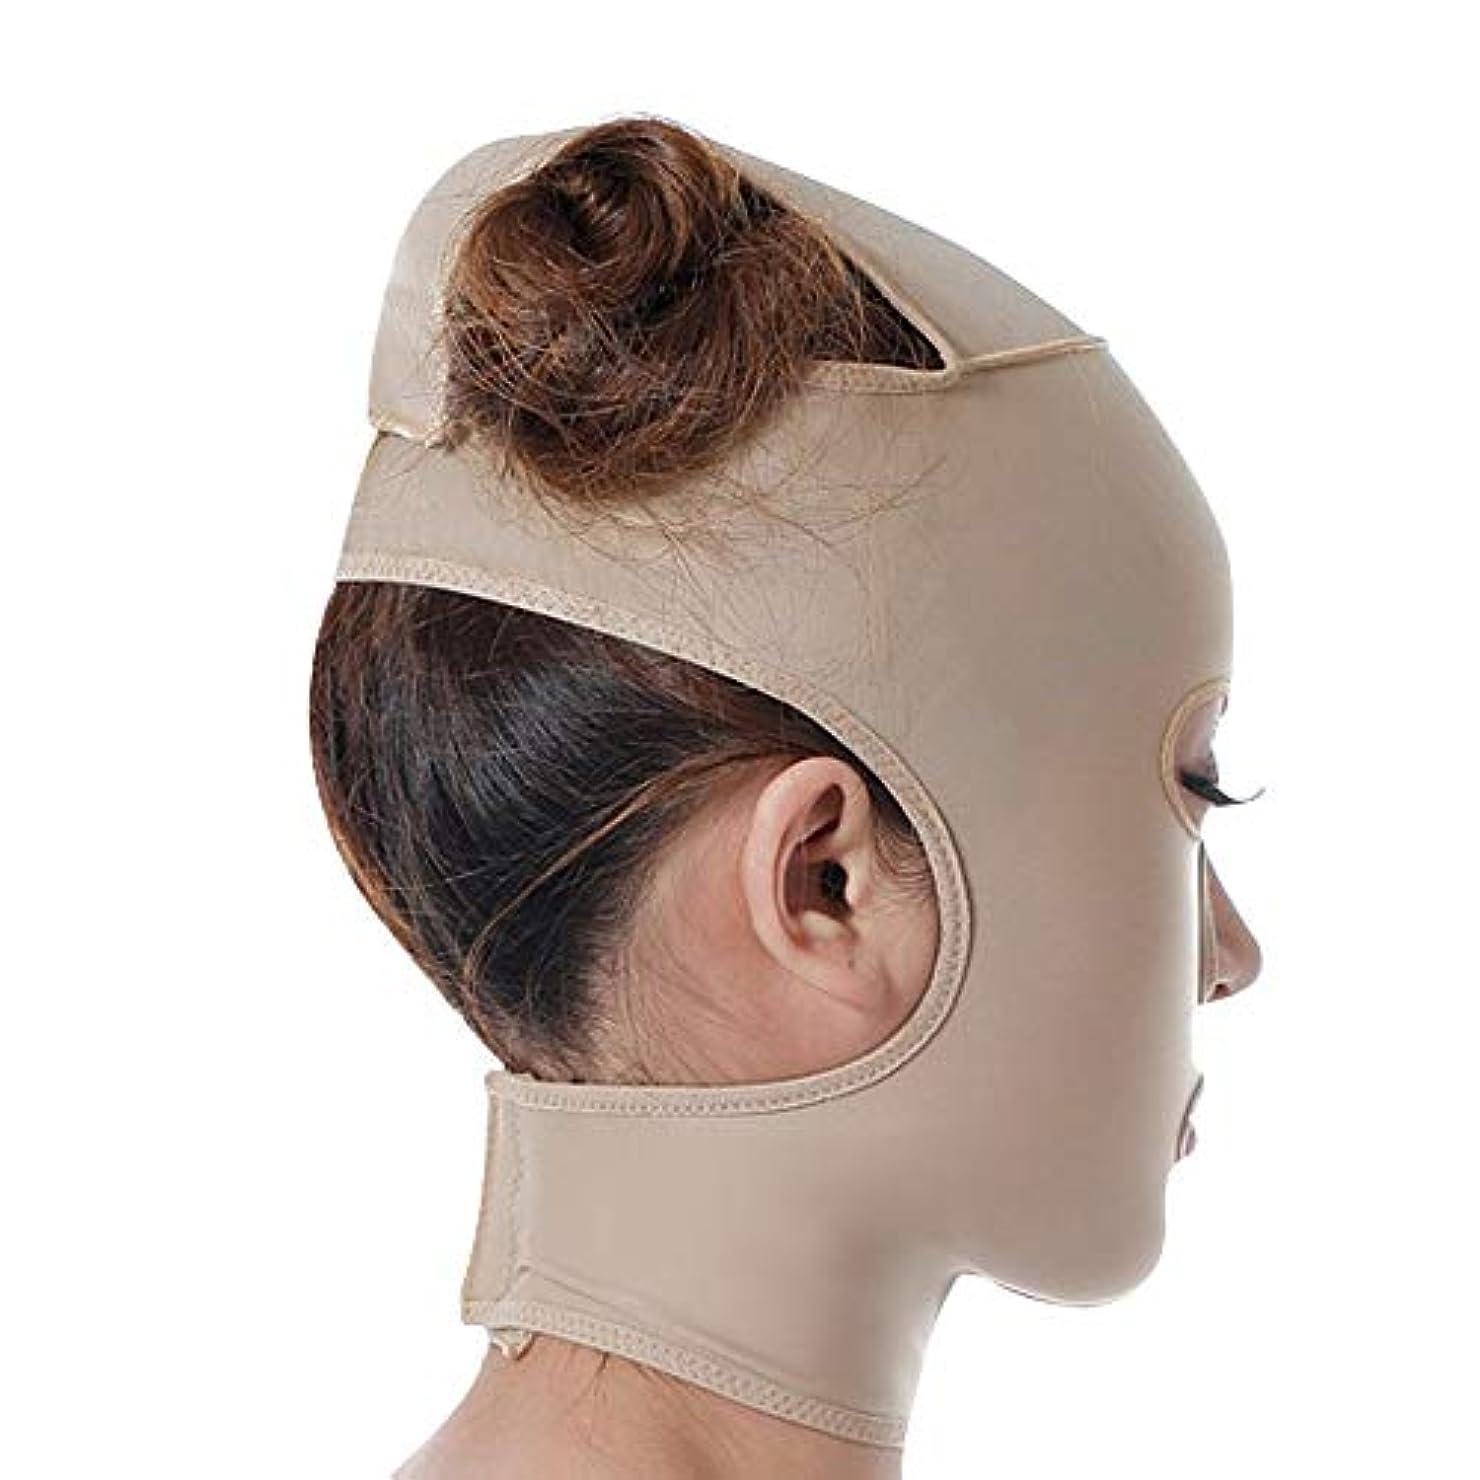 ホールド受け入れ滅びるTLMY 引き締めマスクマスク美容薬マスク美容V顔包帯ライン彫刻リフティング引き締め二重あごマスク 顔用整形マスク (Size : M)